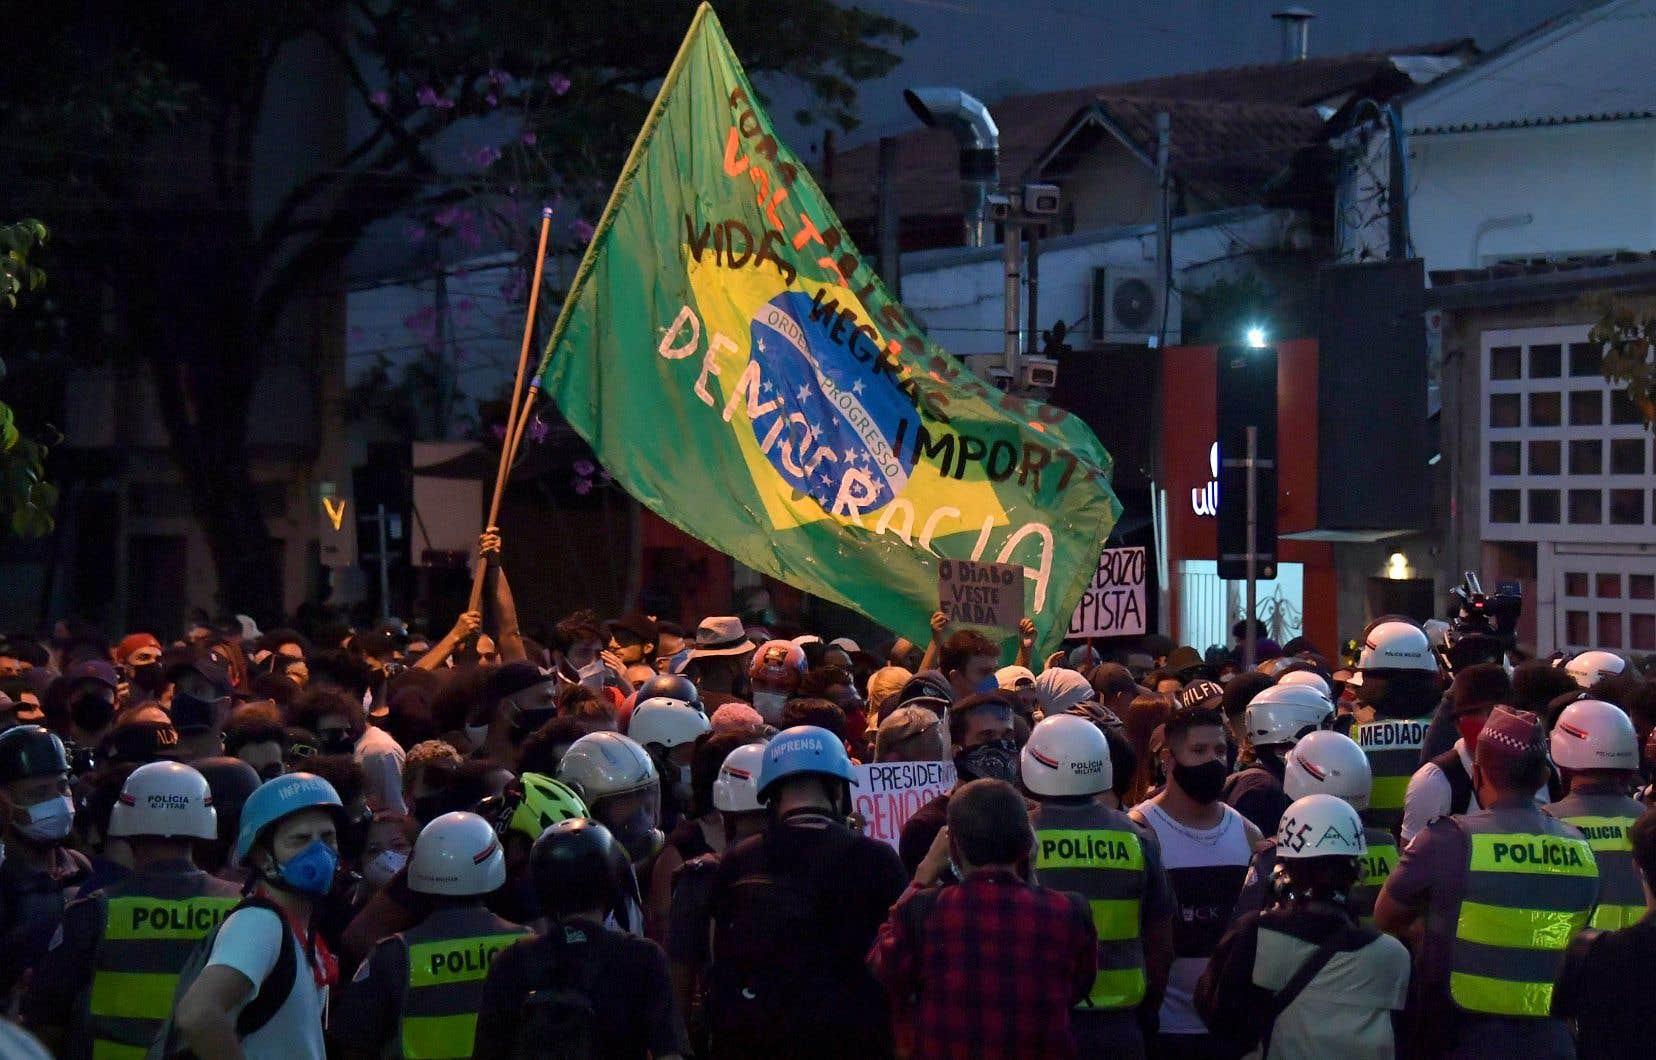 Des milliers de personnes se sont rassemblées dans l'après-midi à São Paulo, arborant des banderoles en défense de la démocratie, contre le racisme et la politique du président brésilien.